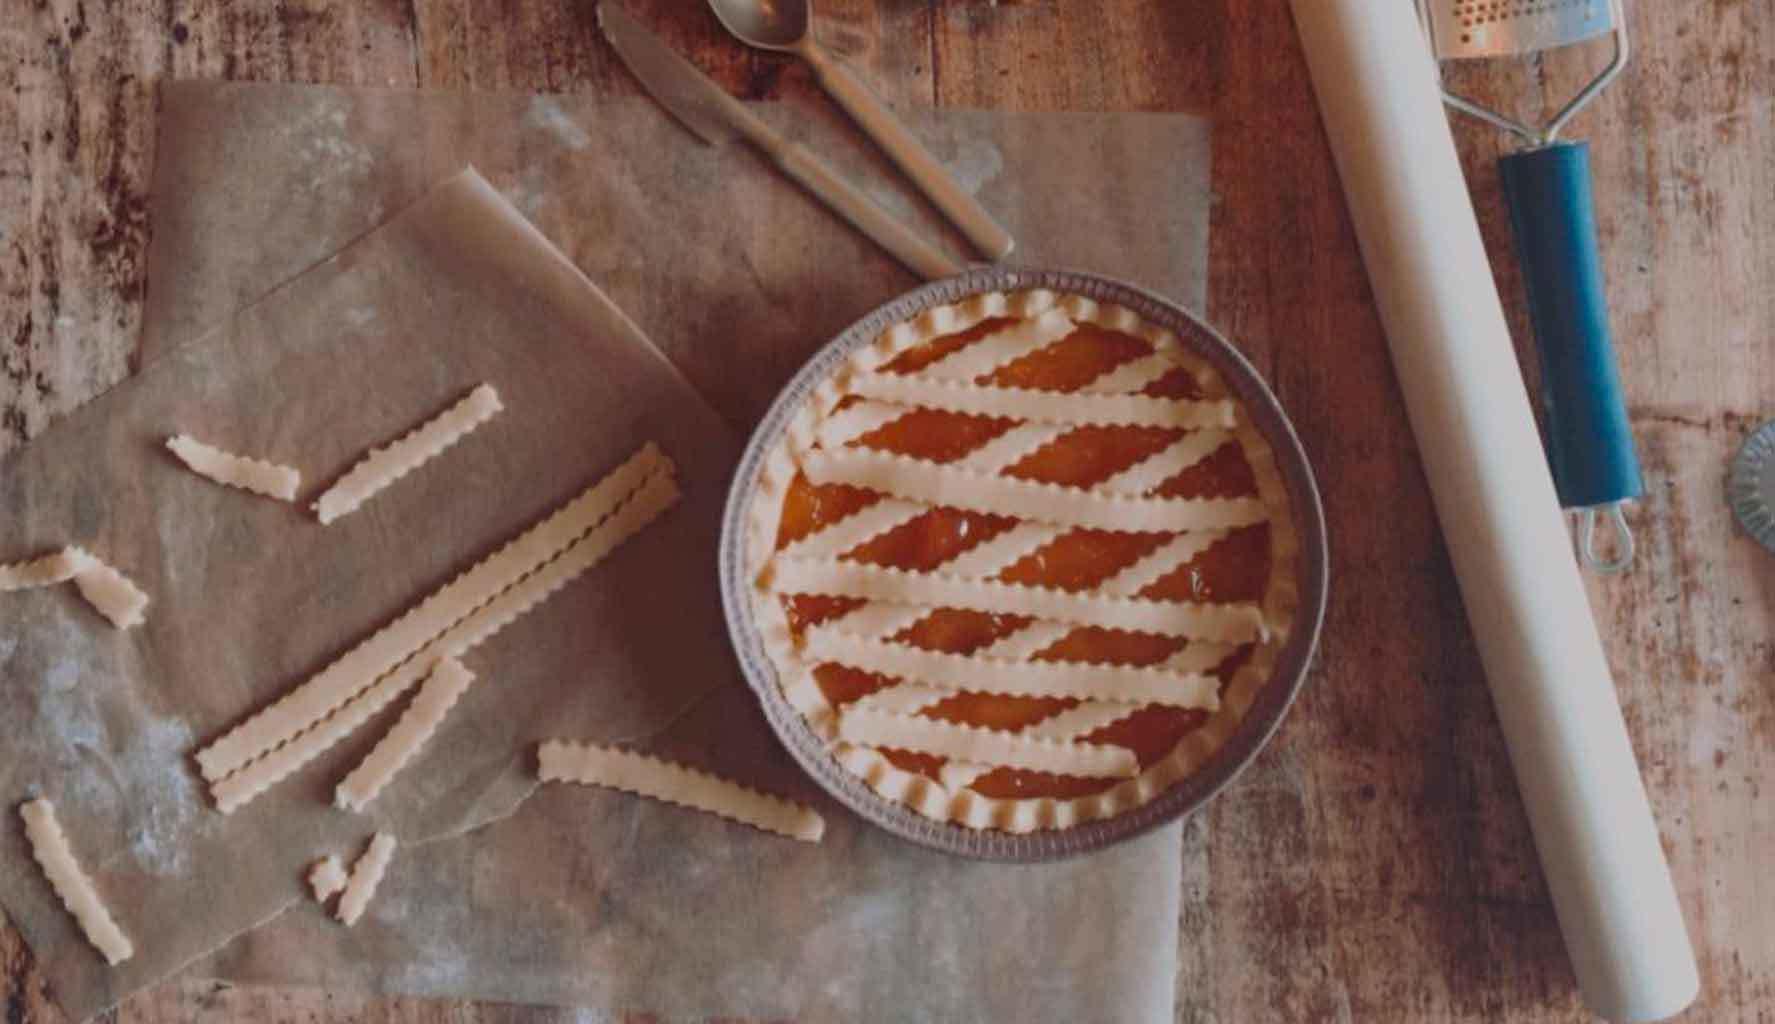 Ricetta Crostata Kenwood Chef.Ricetta Crostata Con Confettura Di Albicocche Ricette Kenwood Club